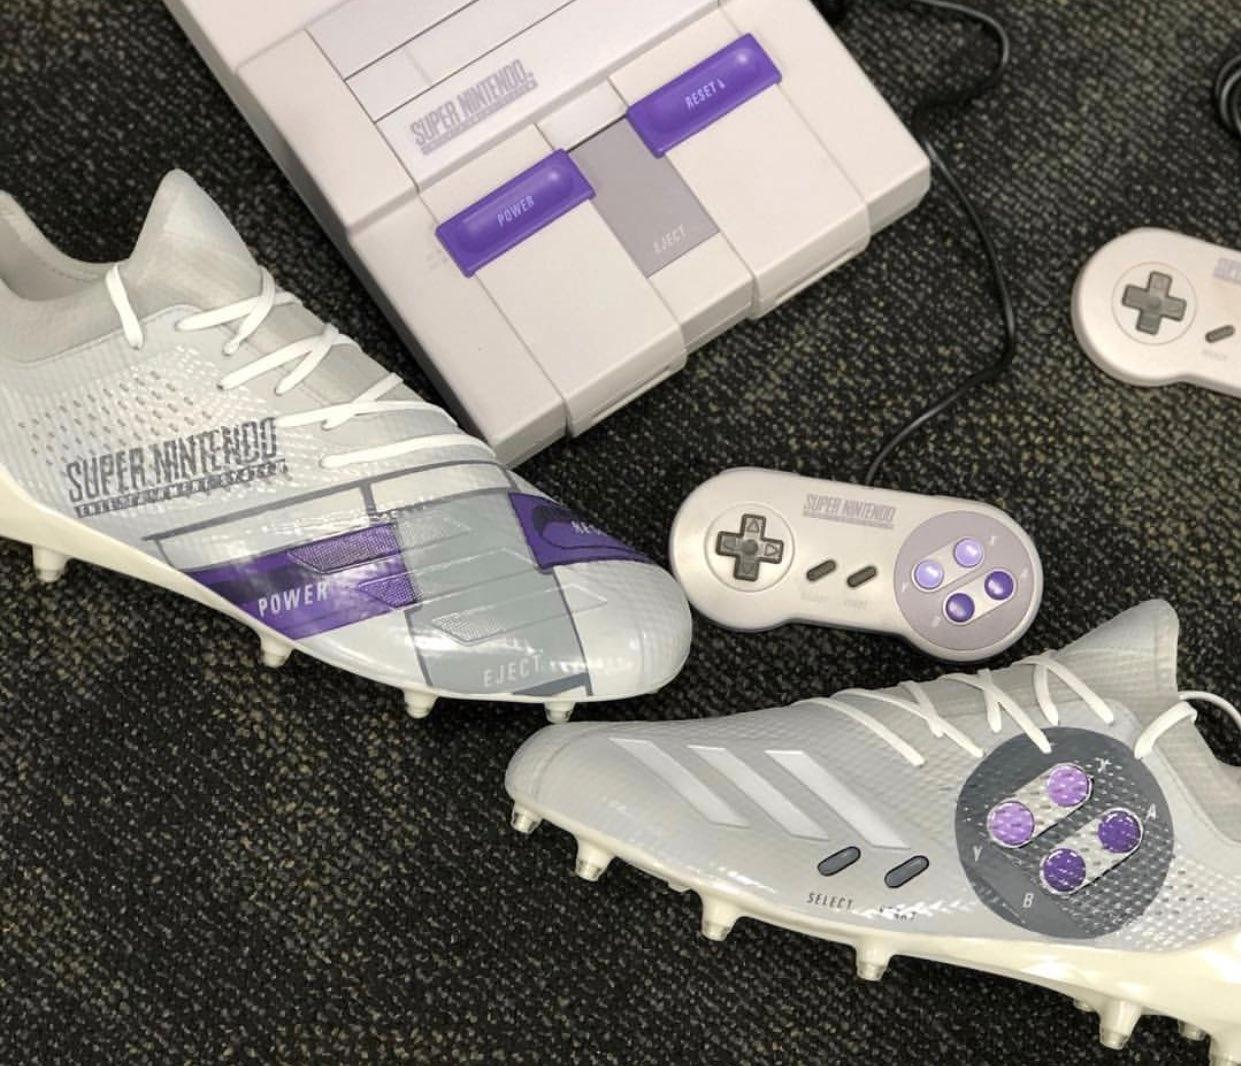 a8aa119fda Jogador de futebol americano usa chuteiras inspiradas no SNES - 26 11 2018  - UOL Entretenimento